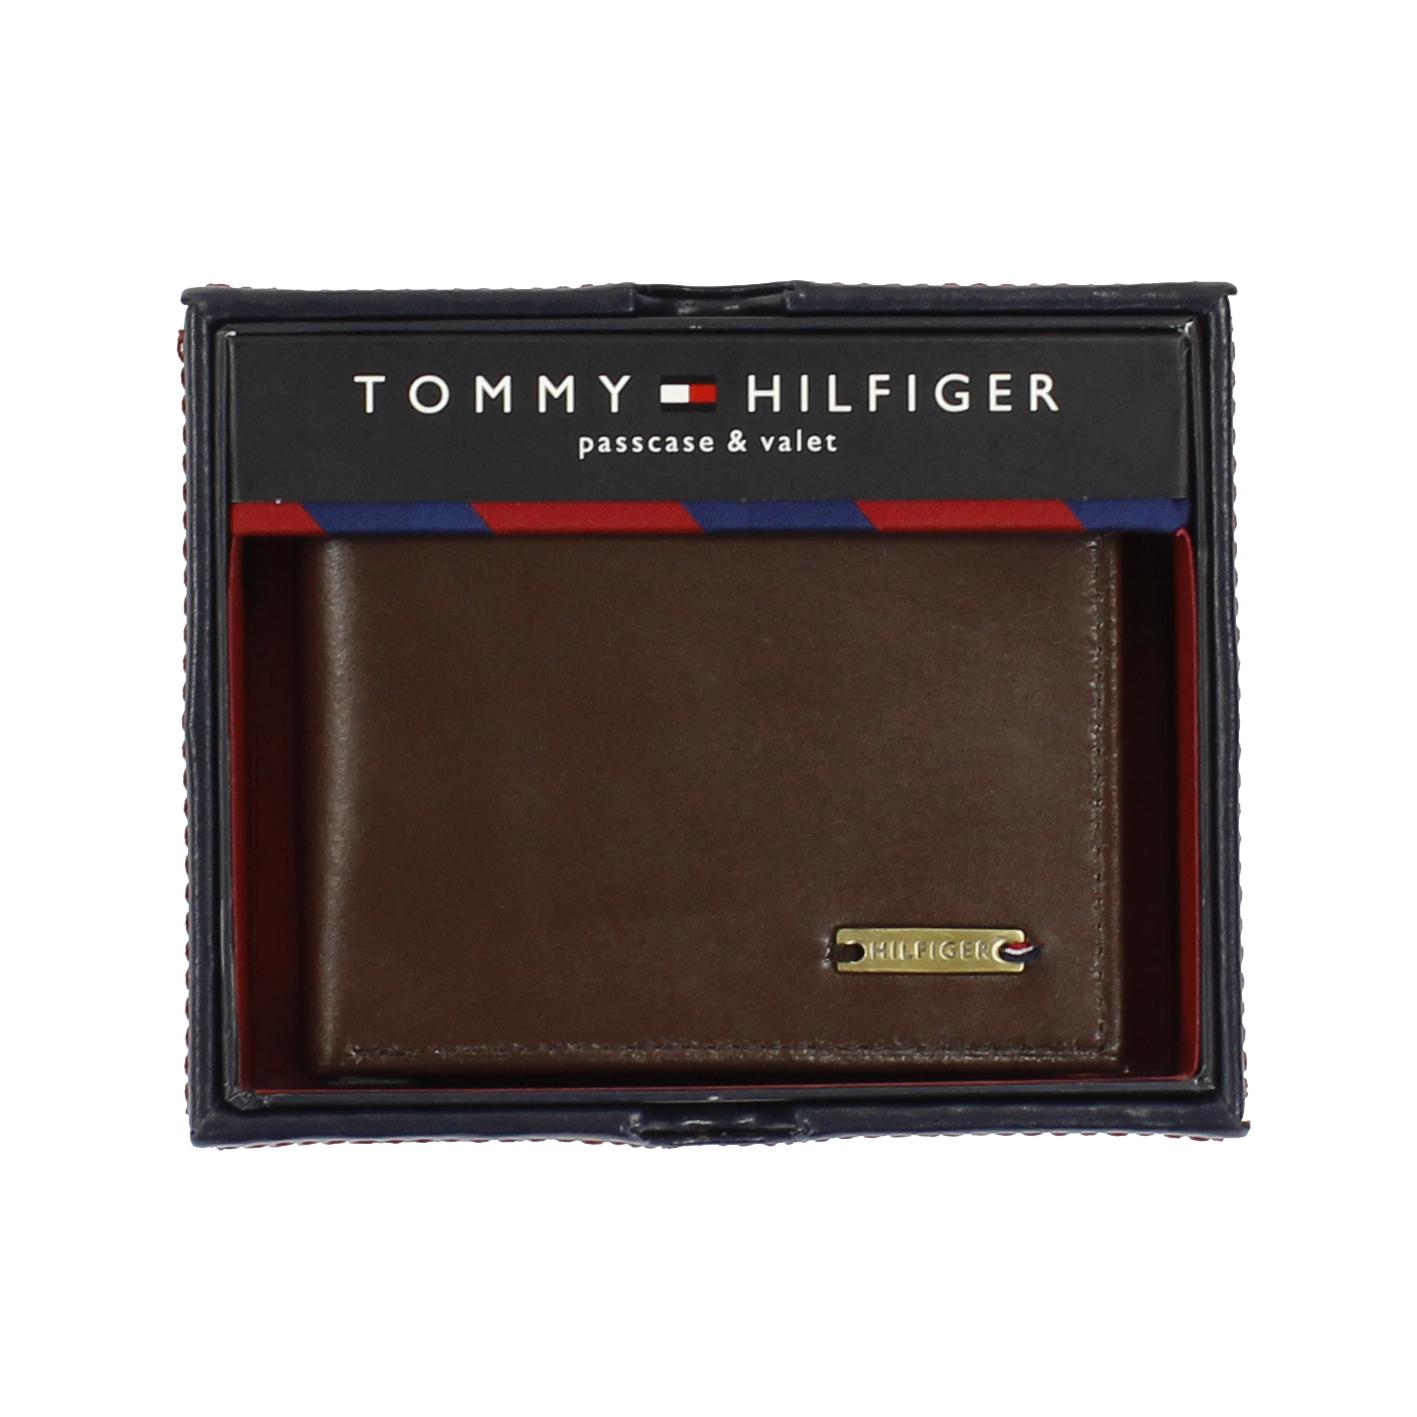 美國百分百【全新真品】Tommy Hilfiger 皮夾 TH 男生 錢包 皮包 短夾 禮盒 鈔票夾 咖啡色 E377